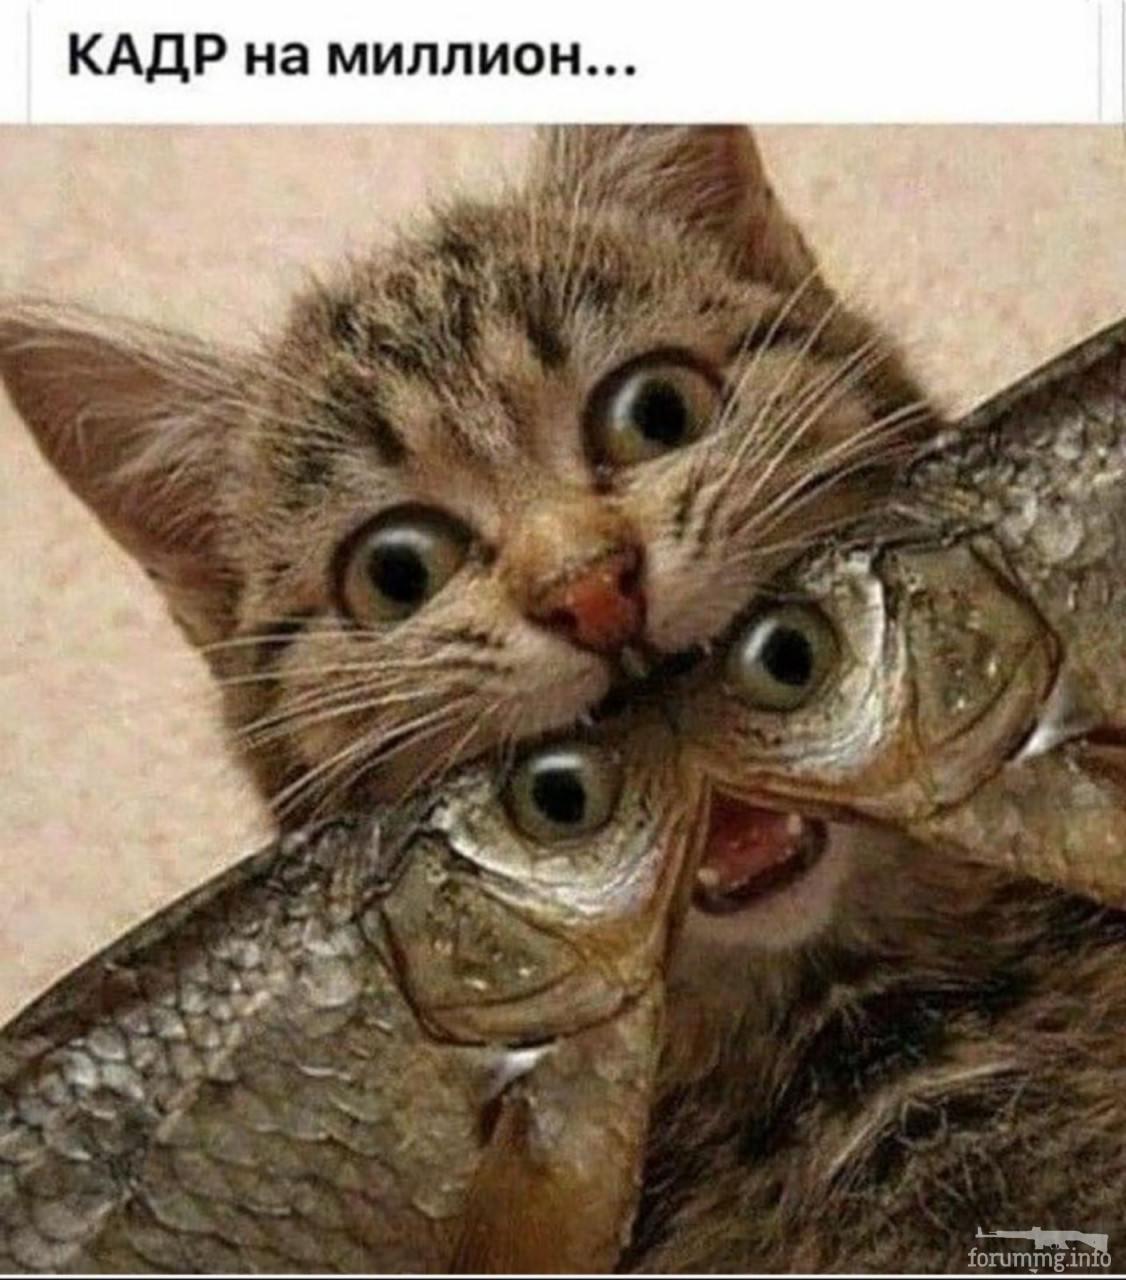 120550 - Смешные видео и фото с животными.